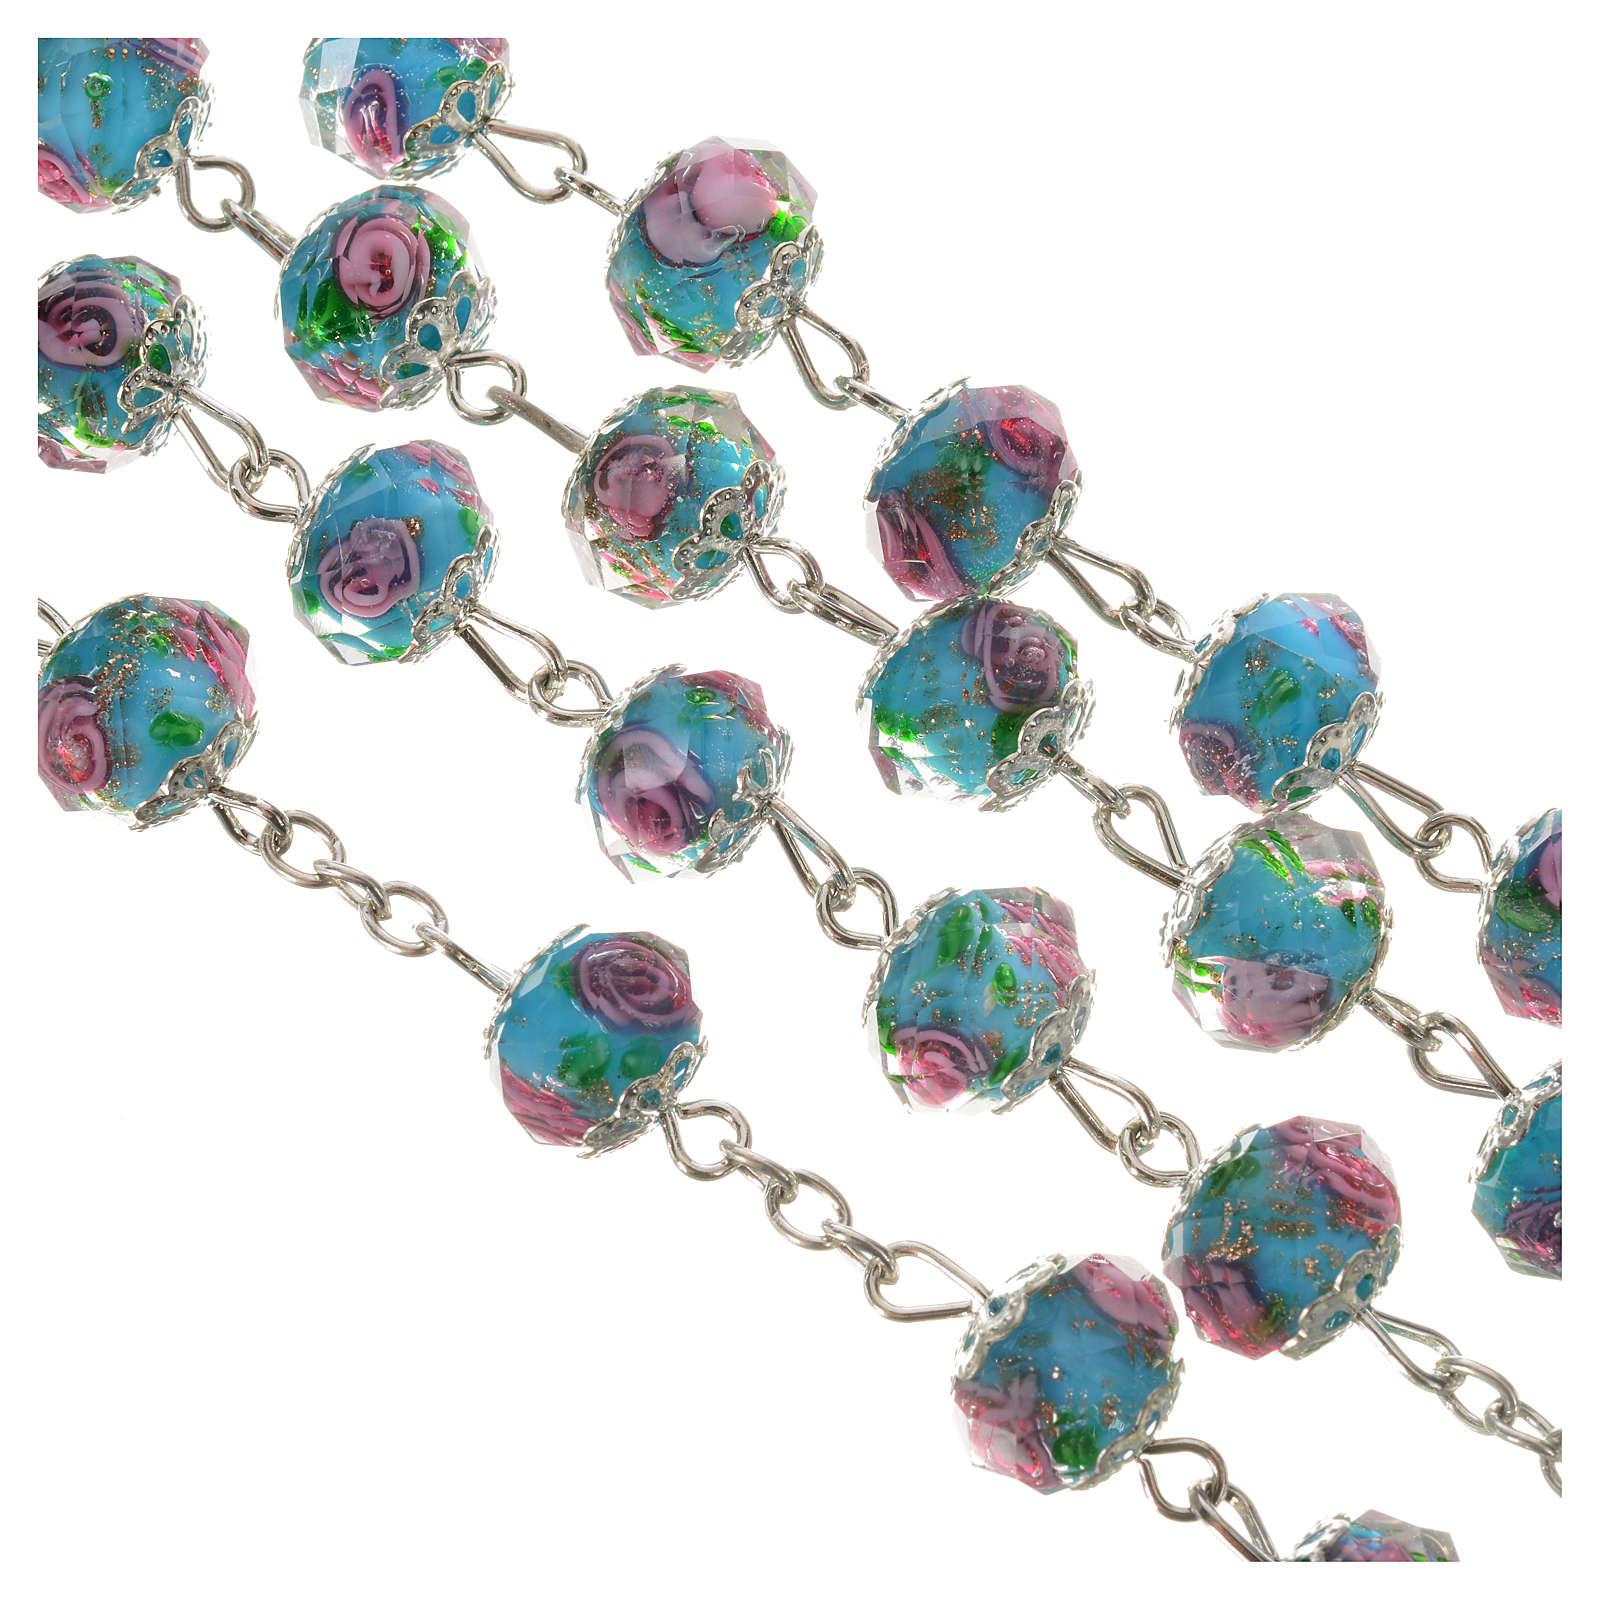 Chapelet cristal bleu ciel avec roses 10 mm 4